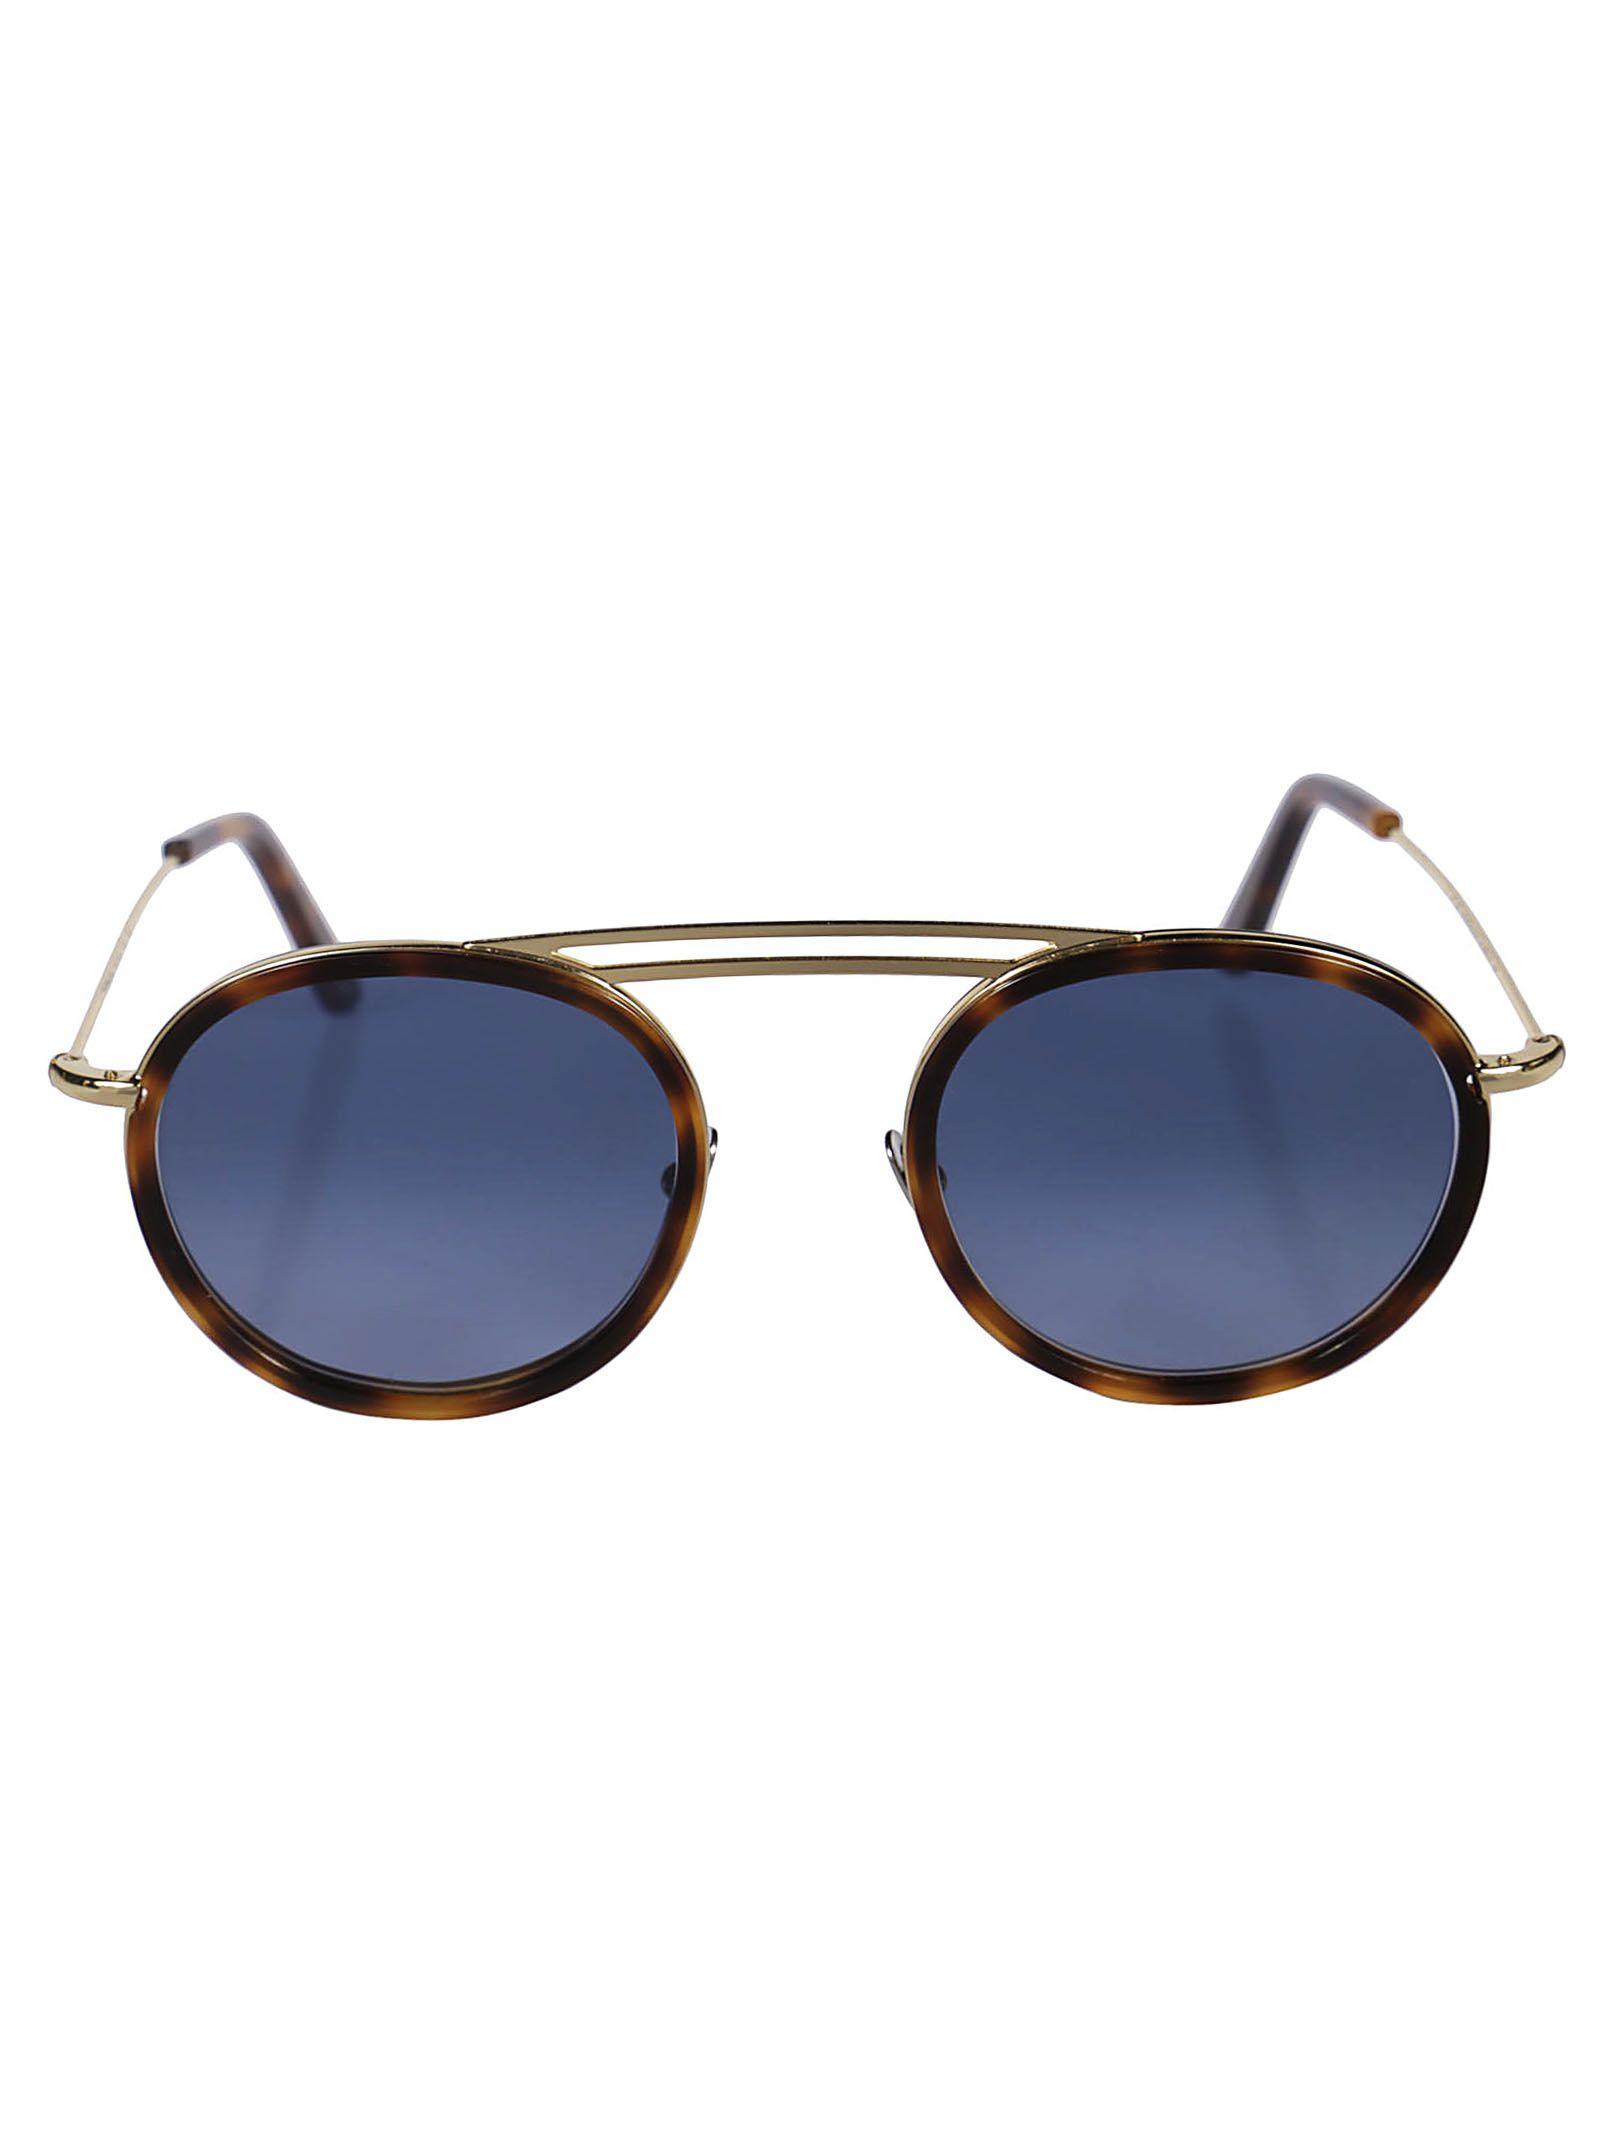 L.G.R Lgr Eufrate Sunglasses in Gold/Havana